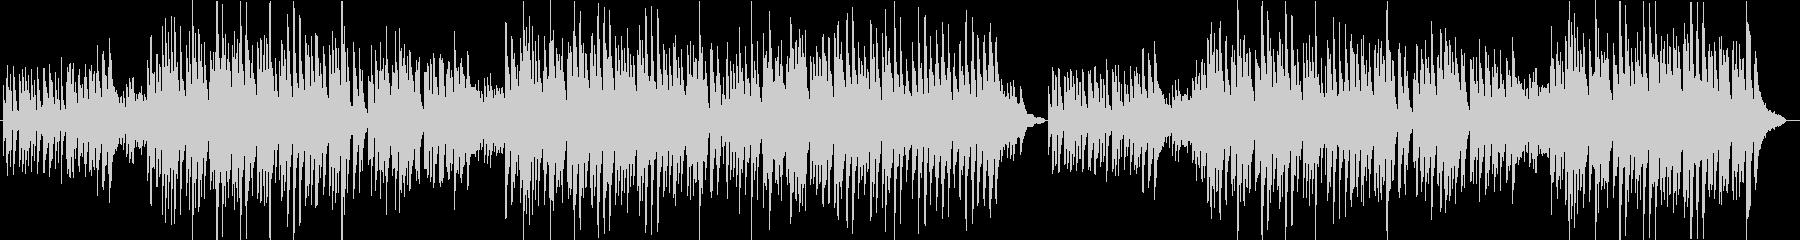 哀愁感のあるピアノバラード曲の未再生の波形